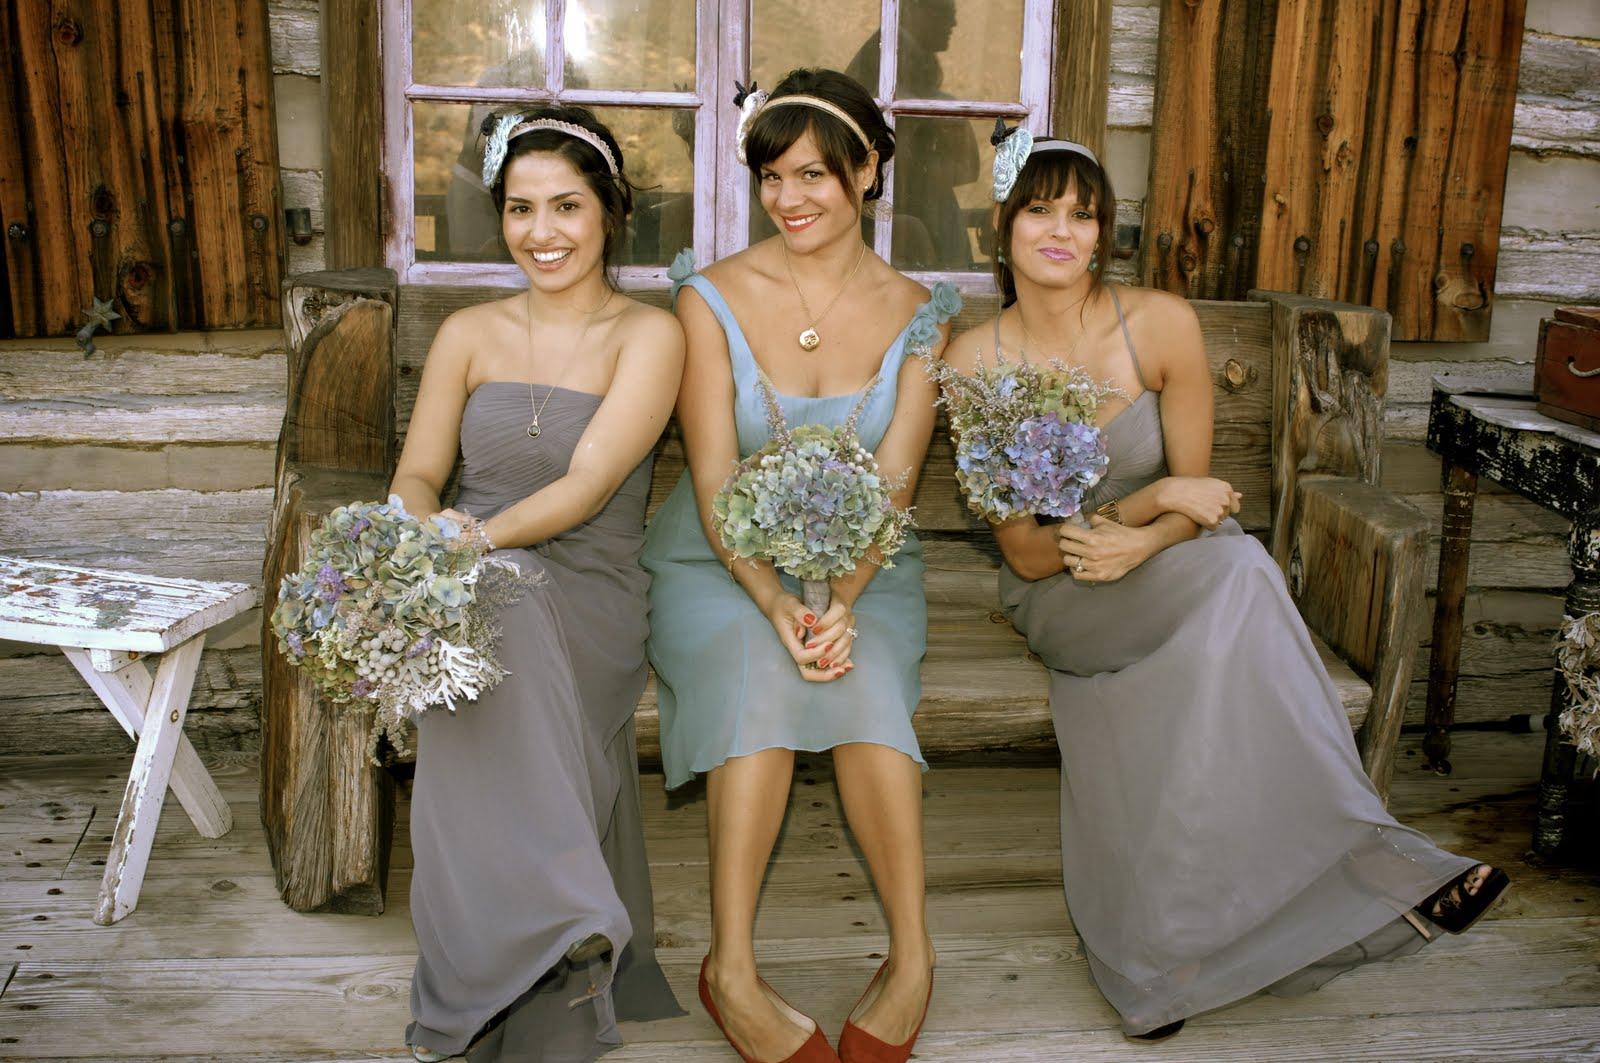 Gray bridesmaid dresses hydrangea bouquets the sweetest occasion gray bridesmaid dresses hydrangea bouquets ombrellifo Gallery